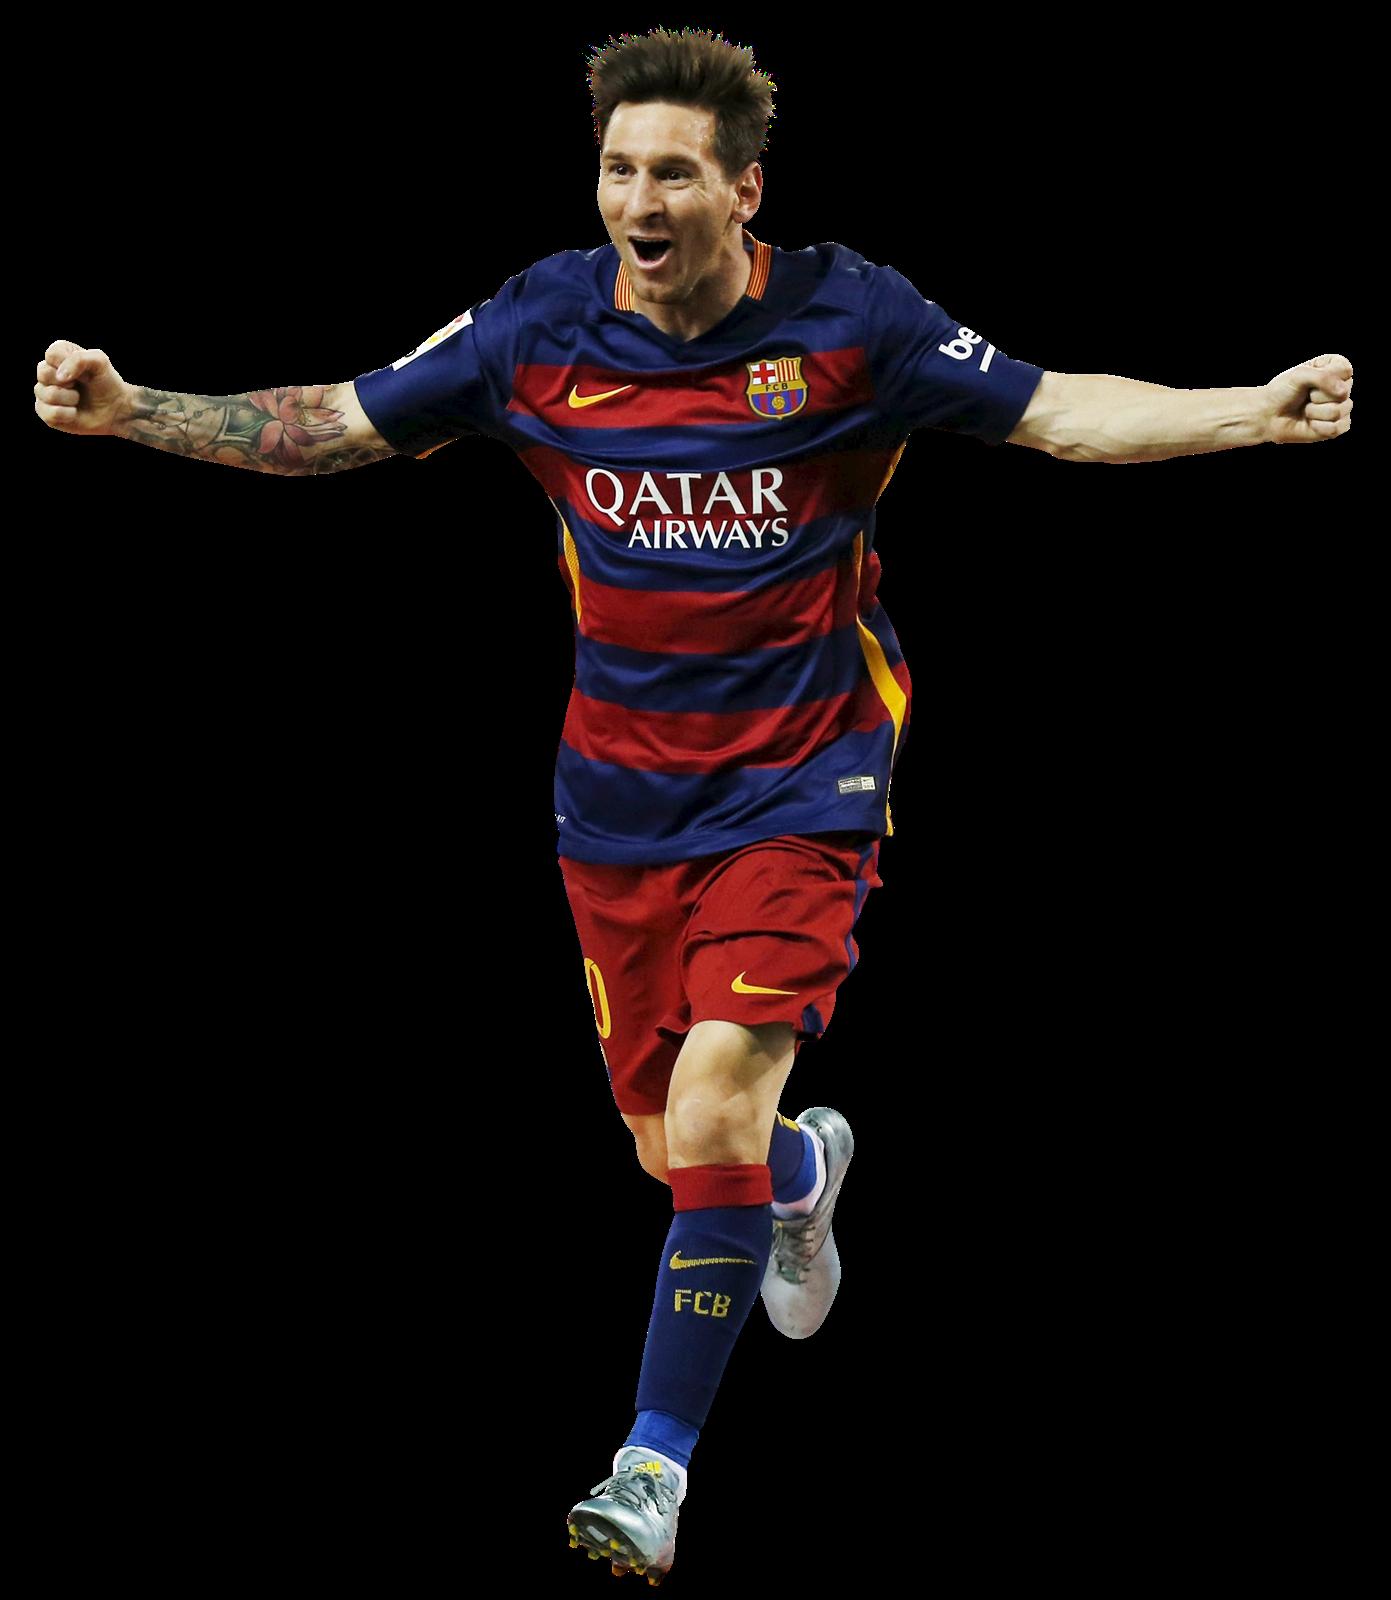 Lionel Messi football render - 20969 - FootyRenders